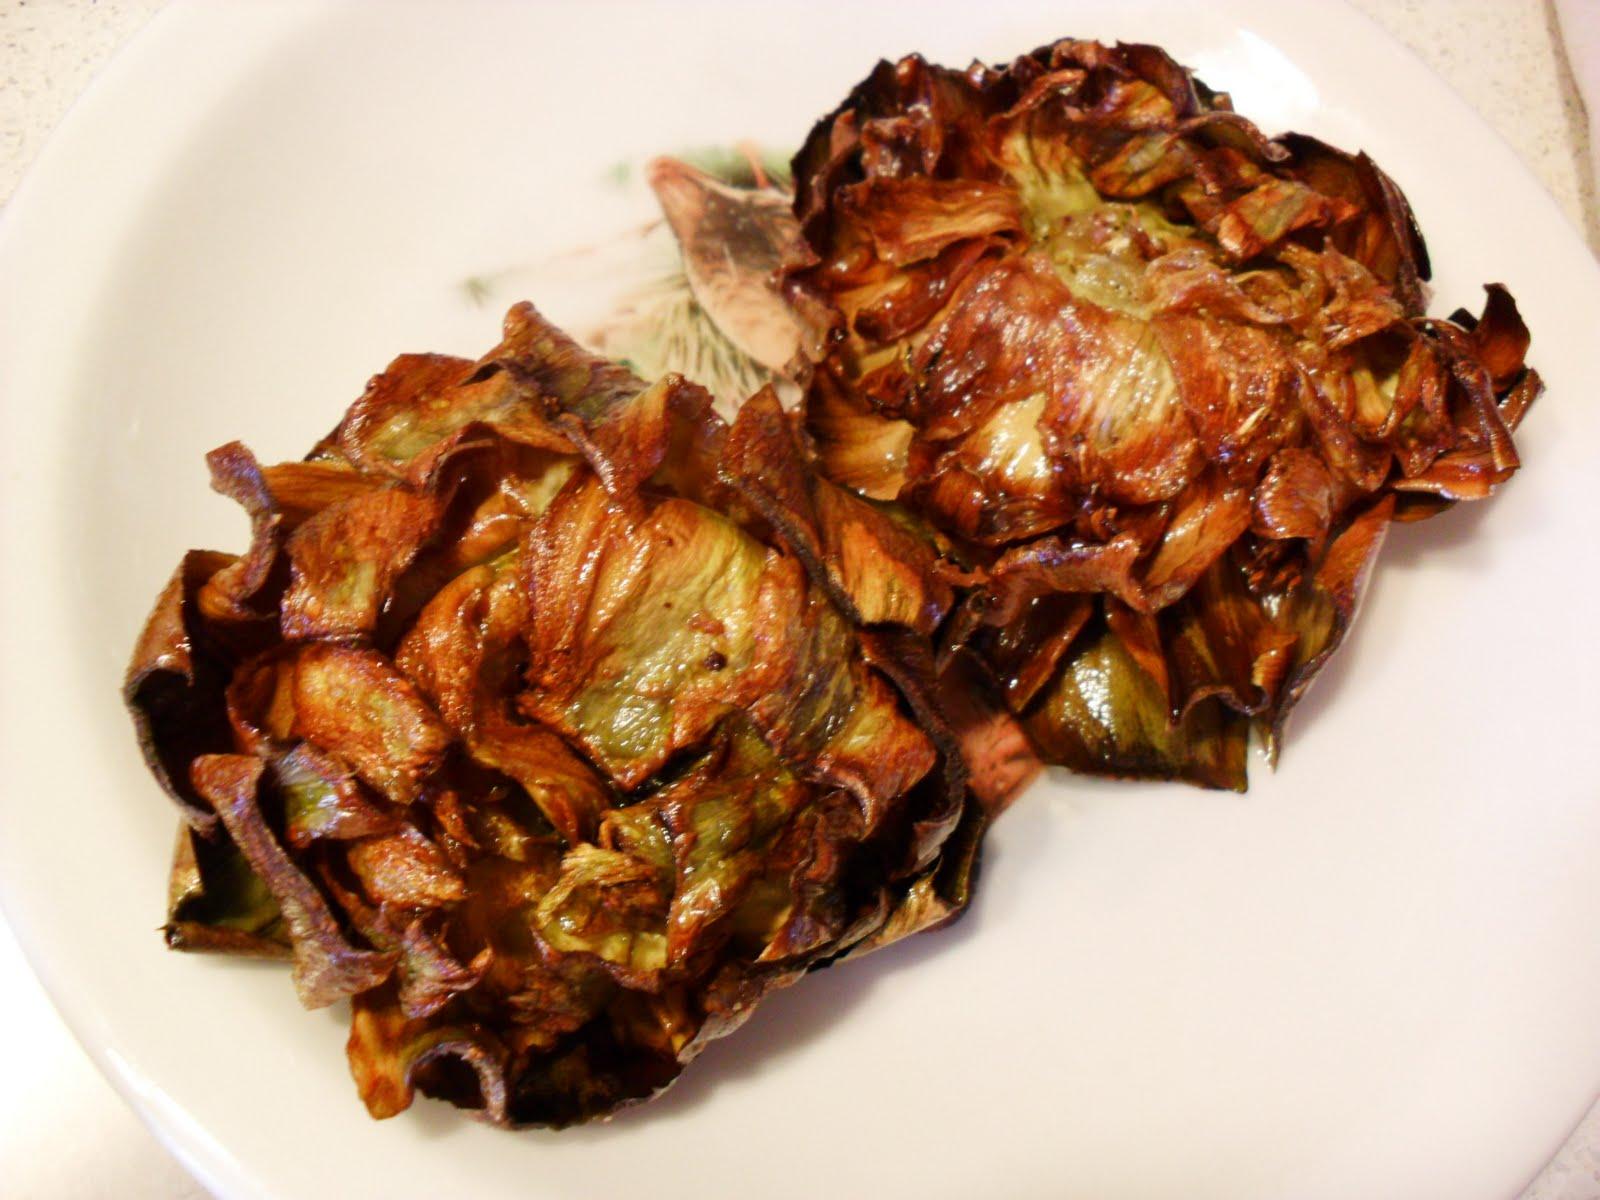 Carciofi alla giudia piatti tipici del lazio italy eat food for Piatti tipici romani